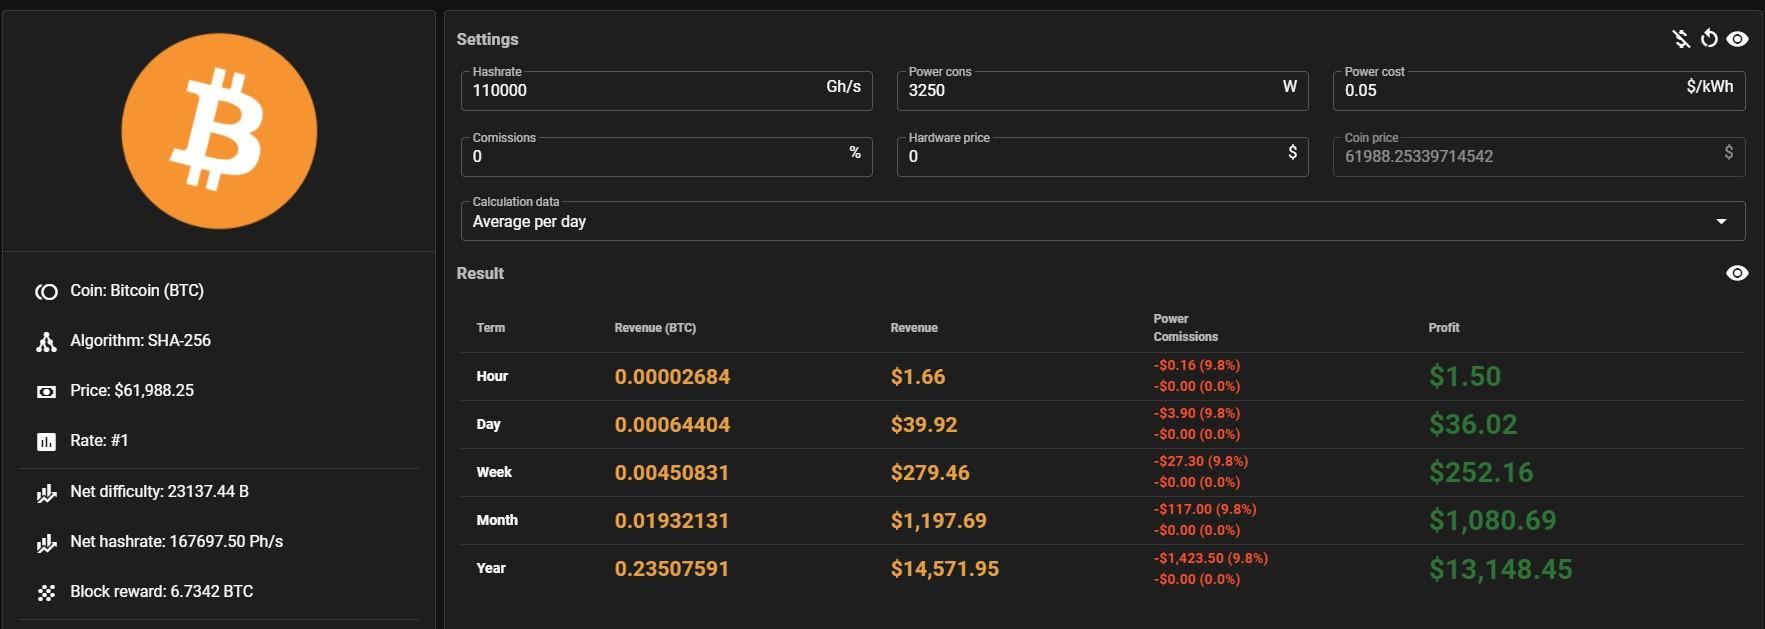 kaip padaryti pinigus bitcoin mining 2021)